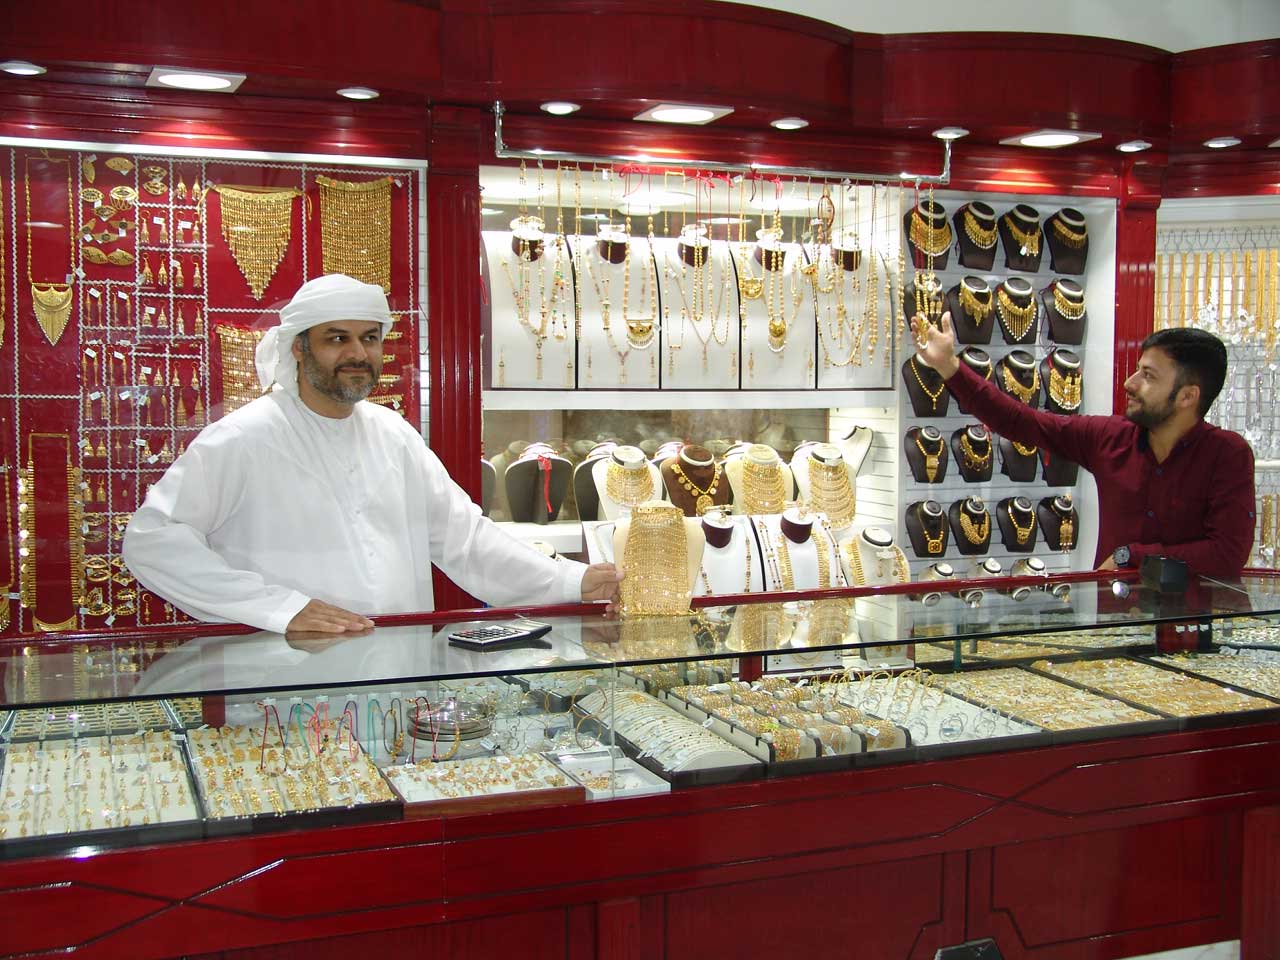 مجوهرات البادية فرع ابو ظبي - 2.jpg